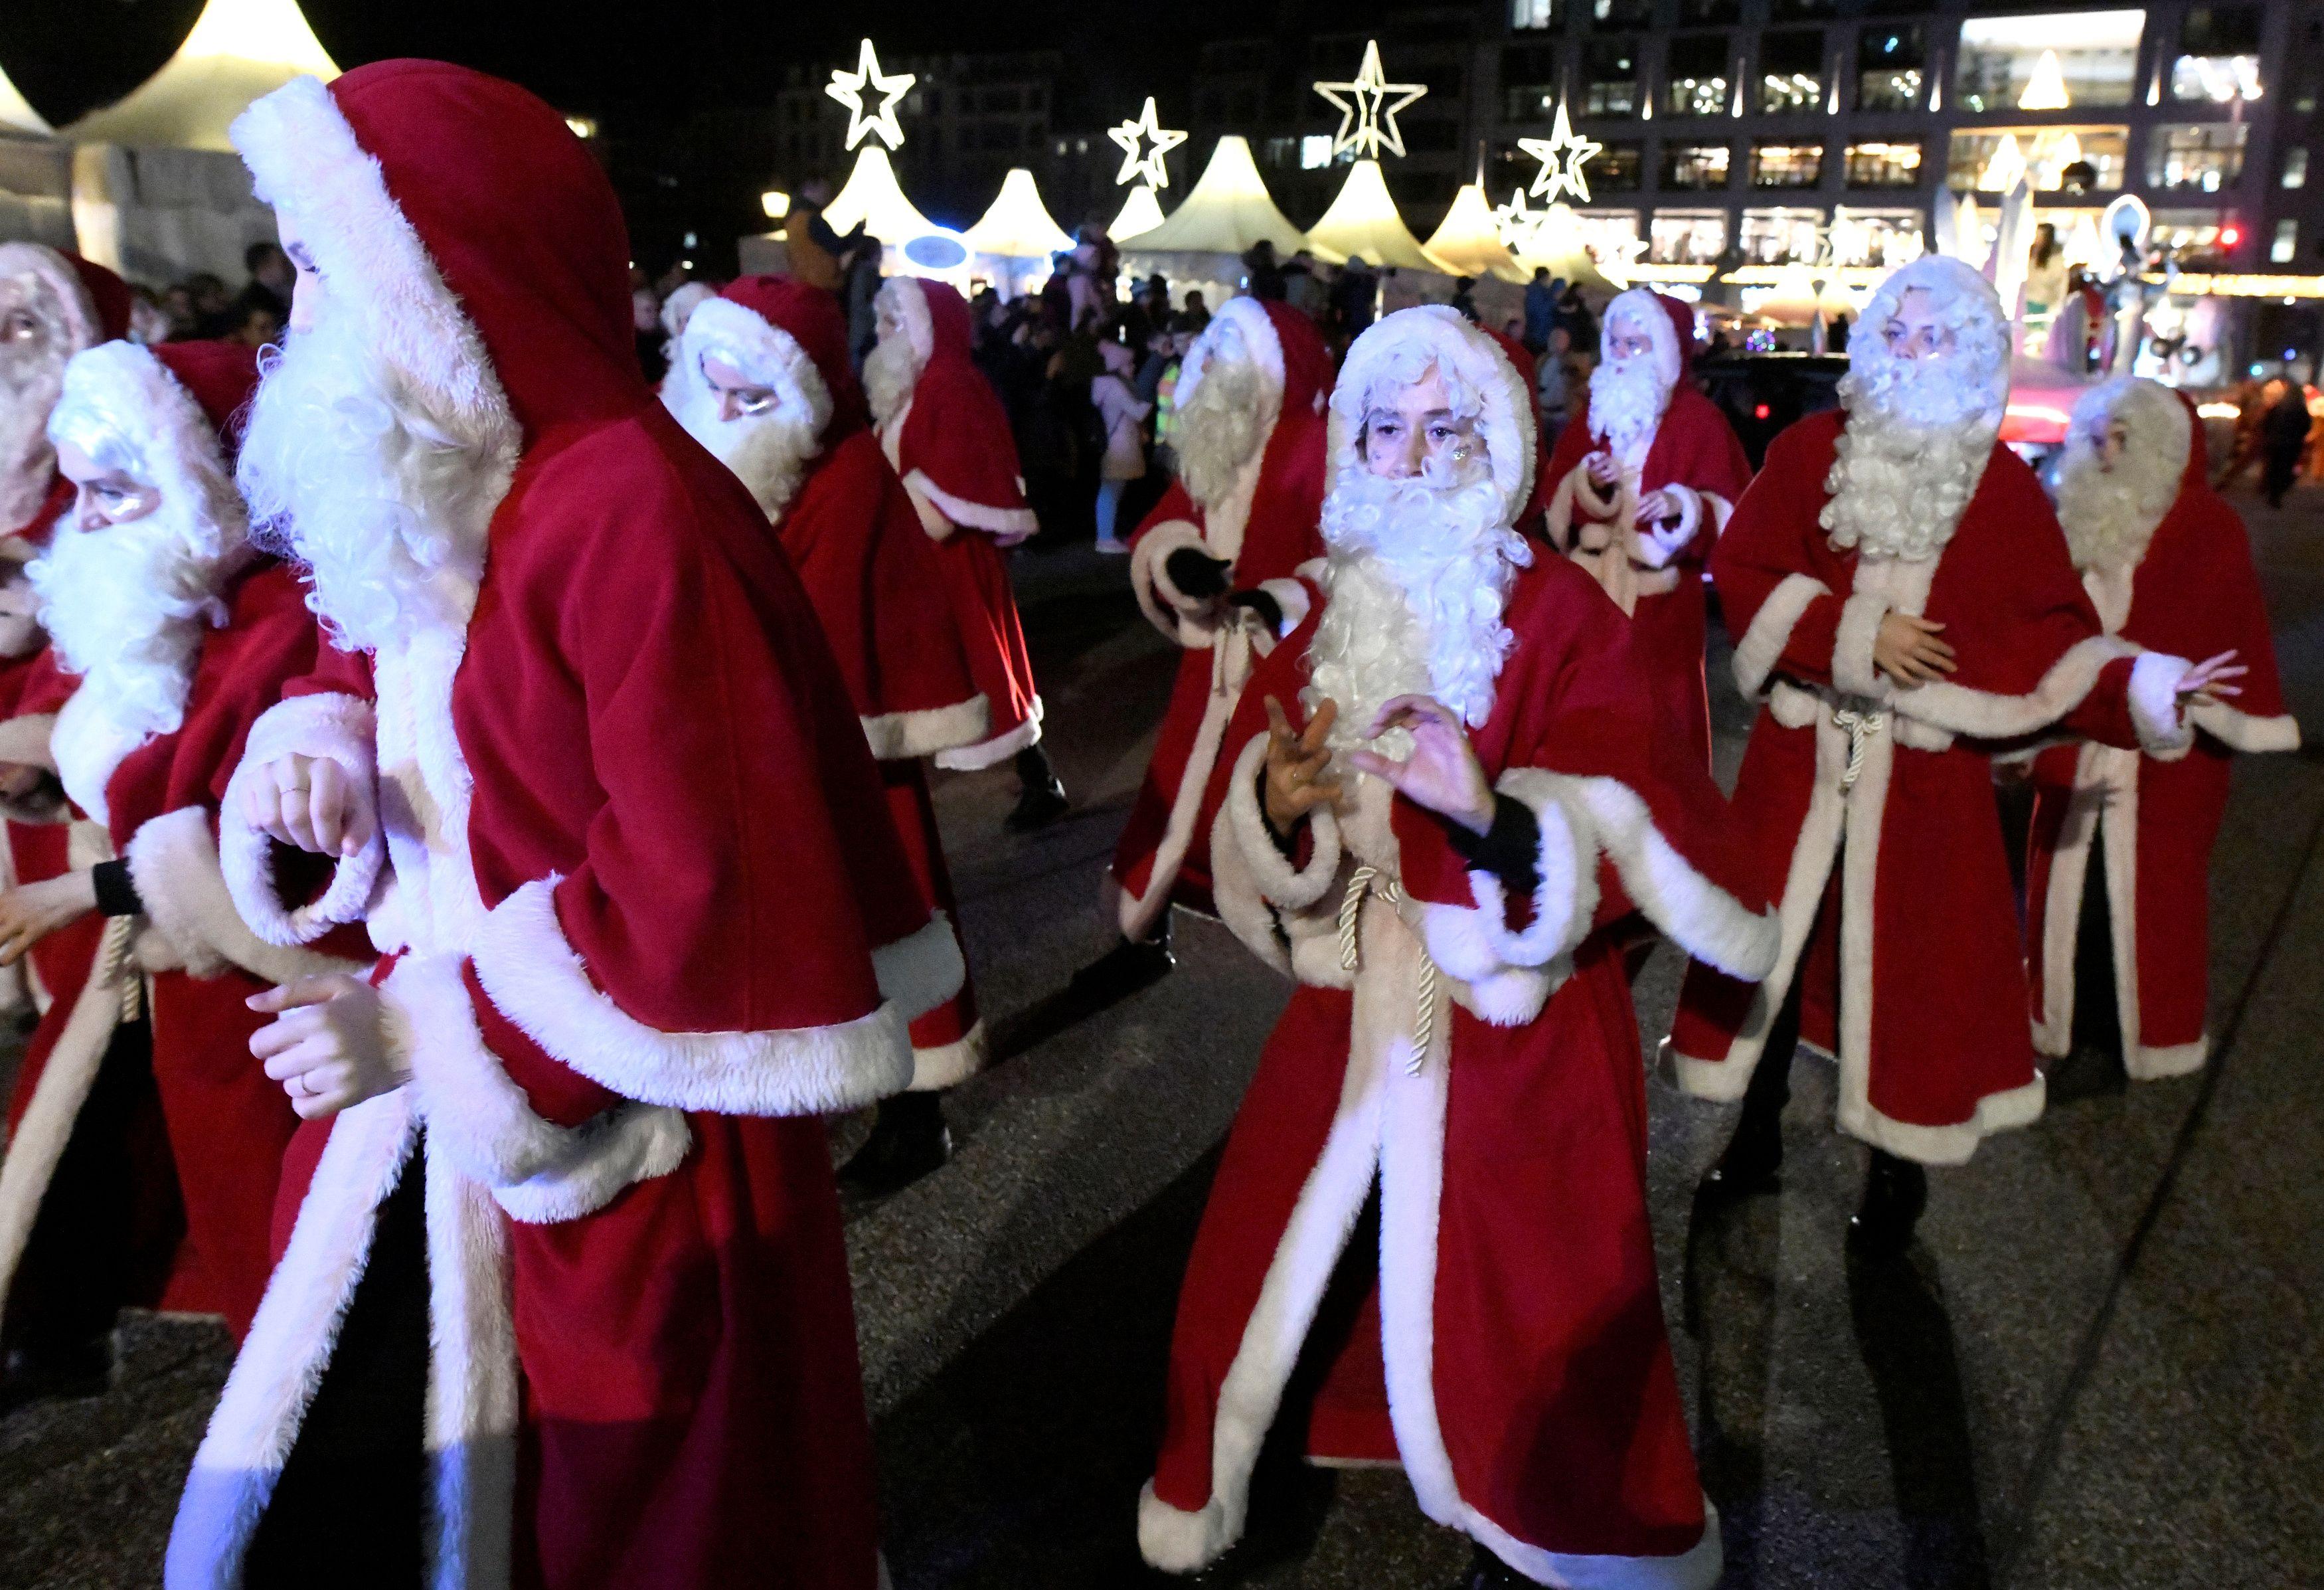 Personas vestidas como Santa Claus participan en un desfile en un mercado navideño en Hamburgo, Alemania, el 21 de diciembre de 2019 (Reuters/ Fabian Bimmer)